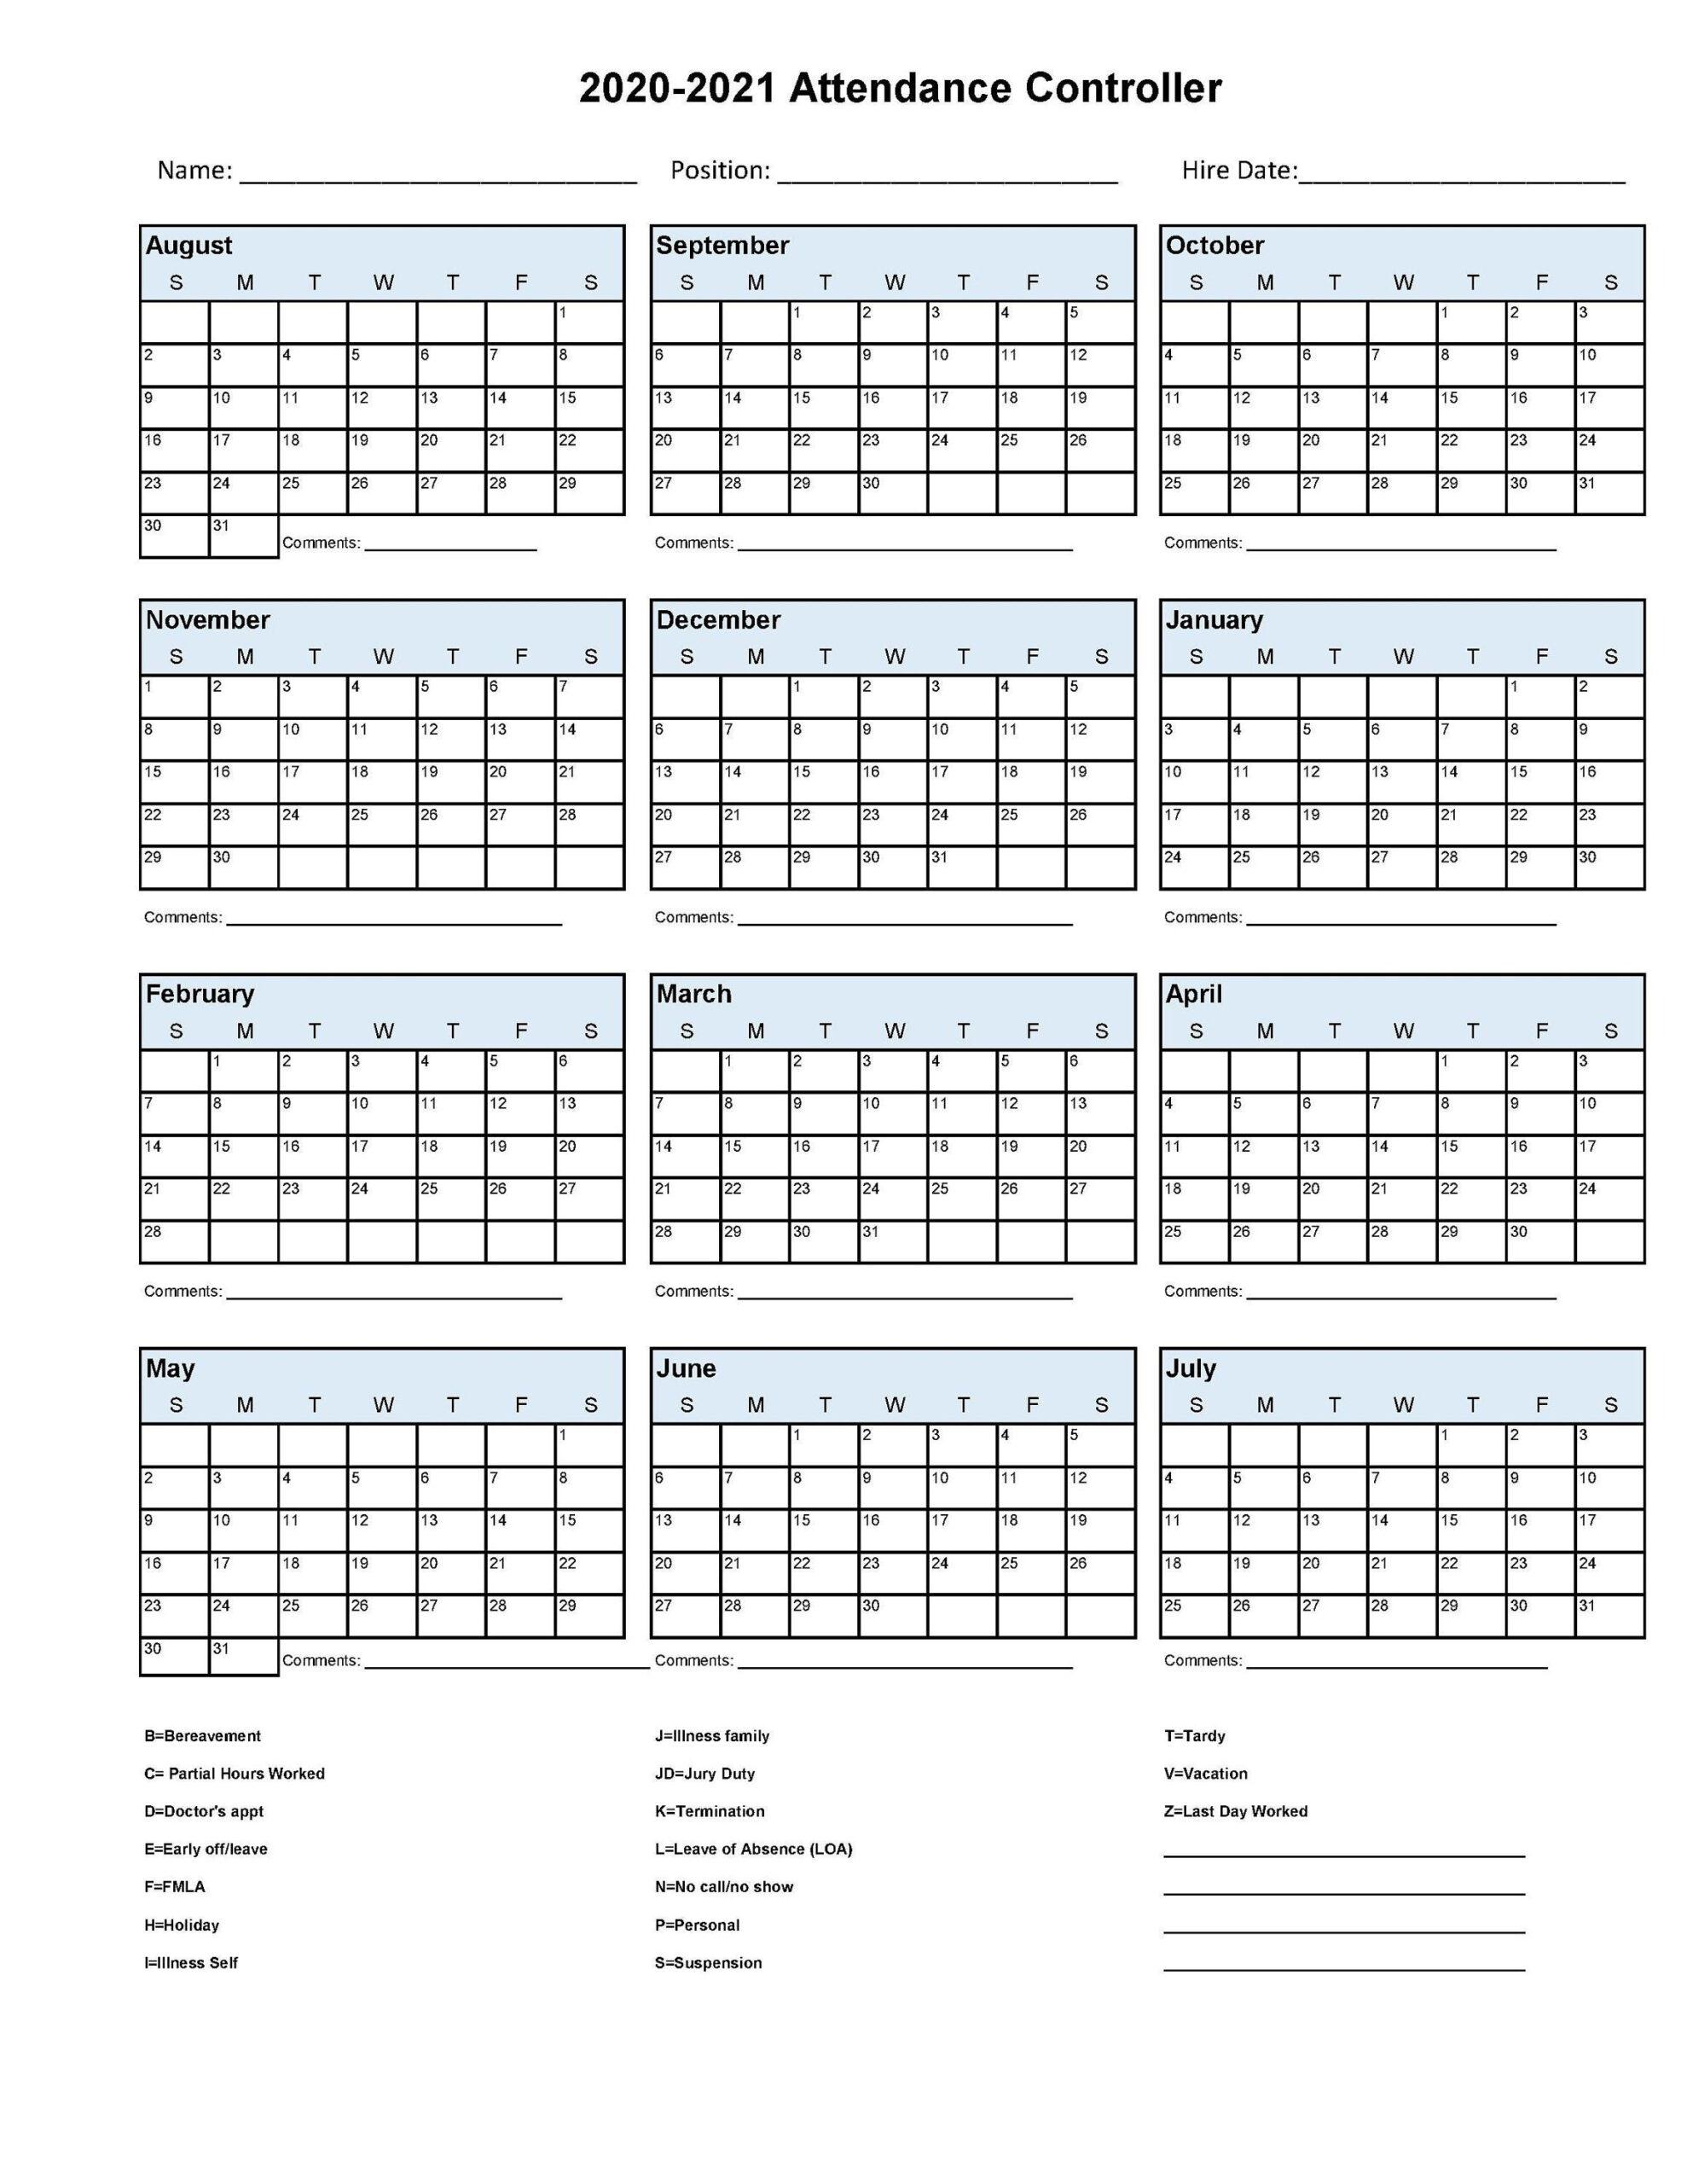 2020 2021 Employee School Attendance Tracker Calendar